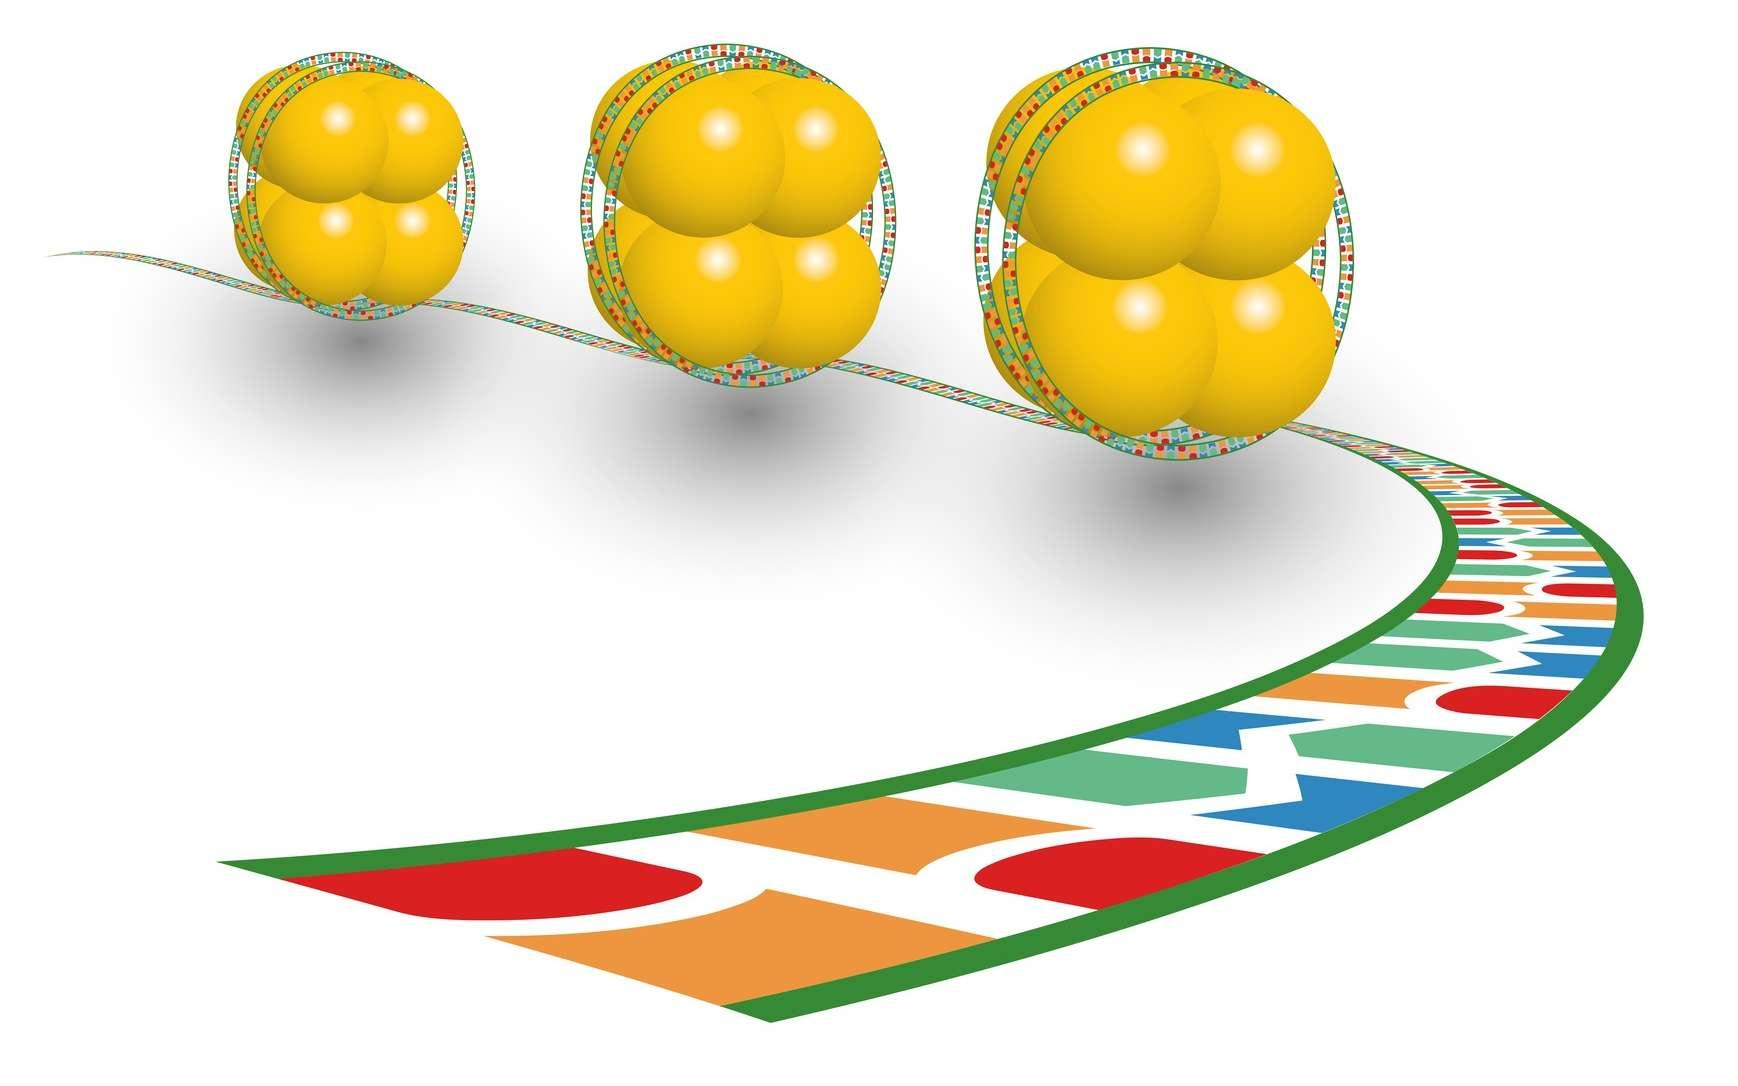 Un nucléosome comprend huit protéines d'histones autour desquelles s'enroule l'ADN. © deusin, Fotolia